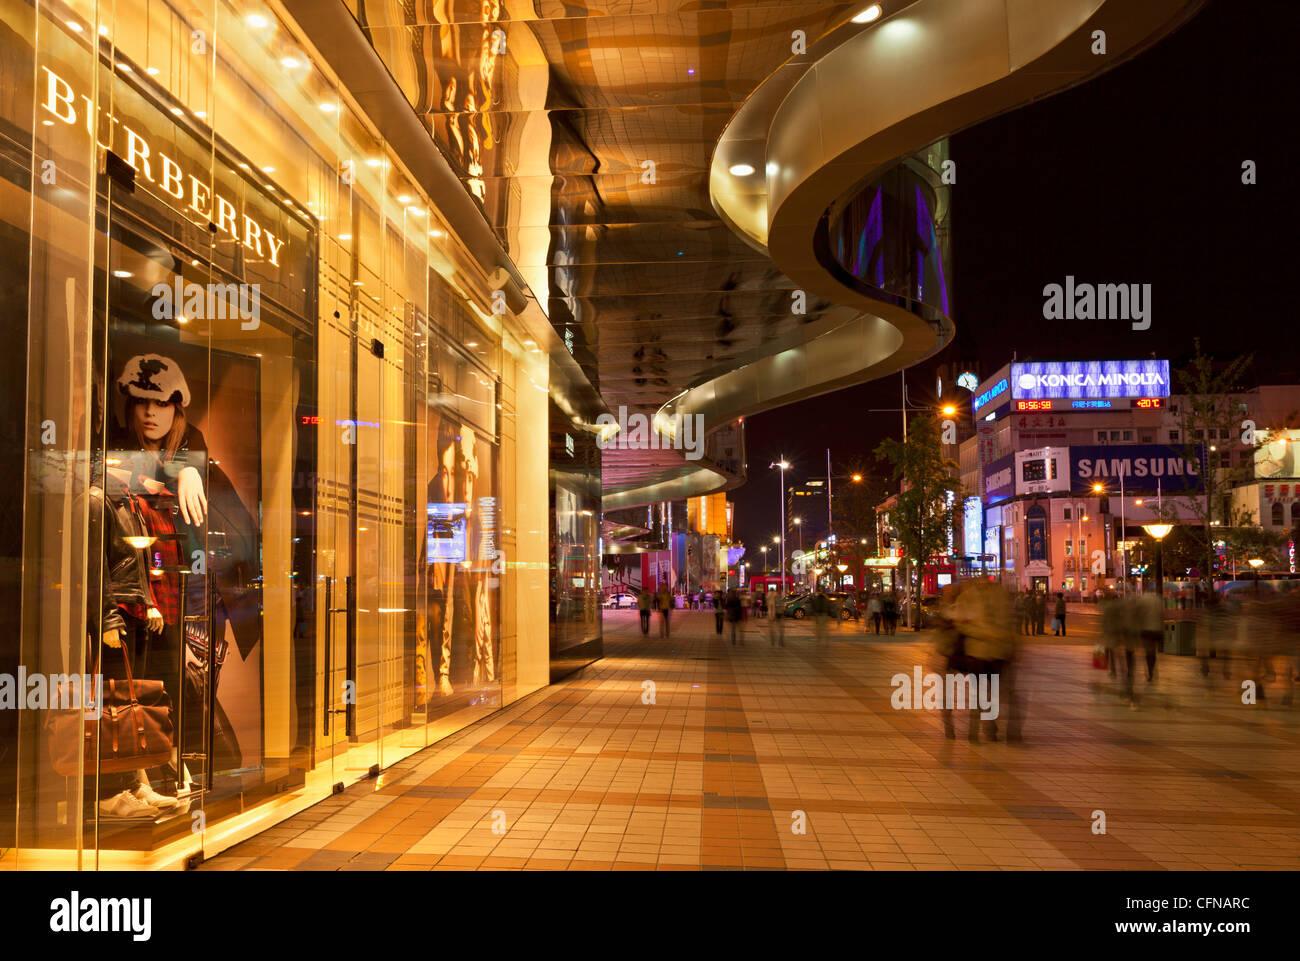 Il cinese department store con persone shopping, Wanfujing Dajie, il governo centrale di Pechino, Cina, Asia Immagini Stock